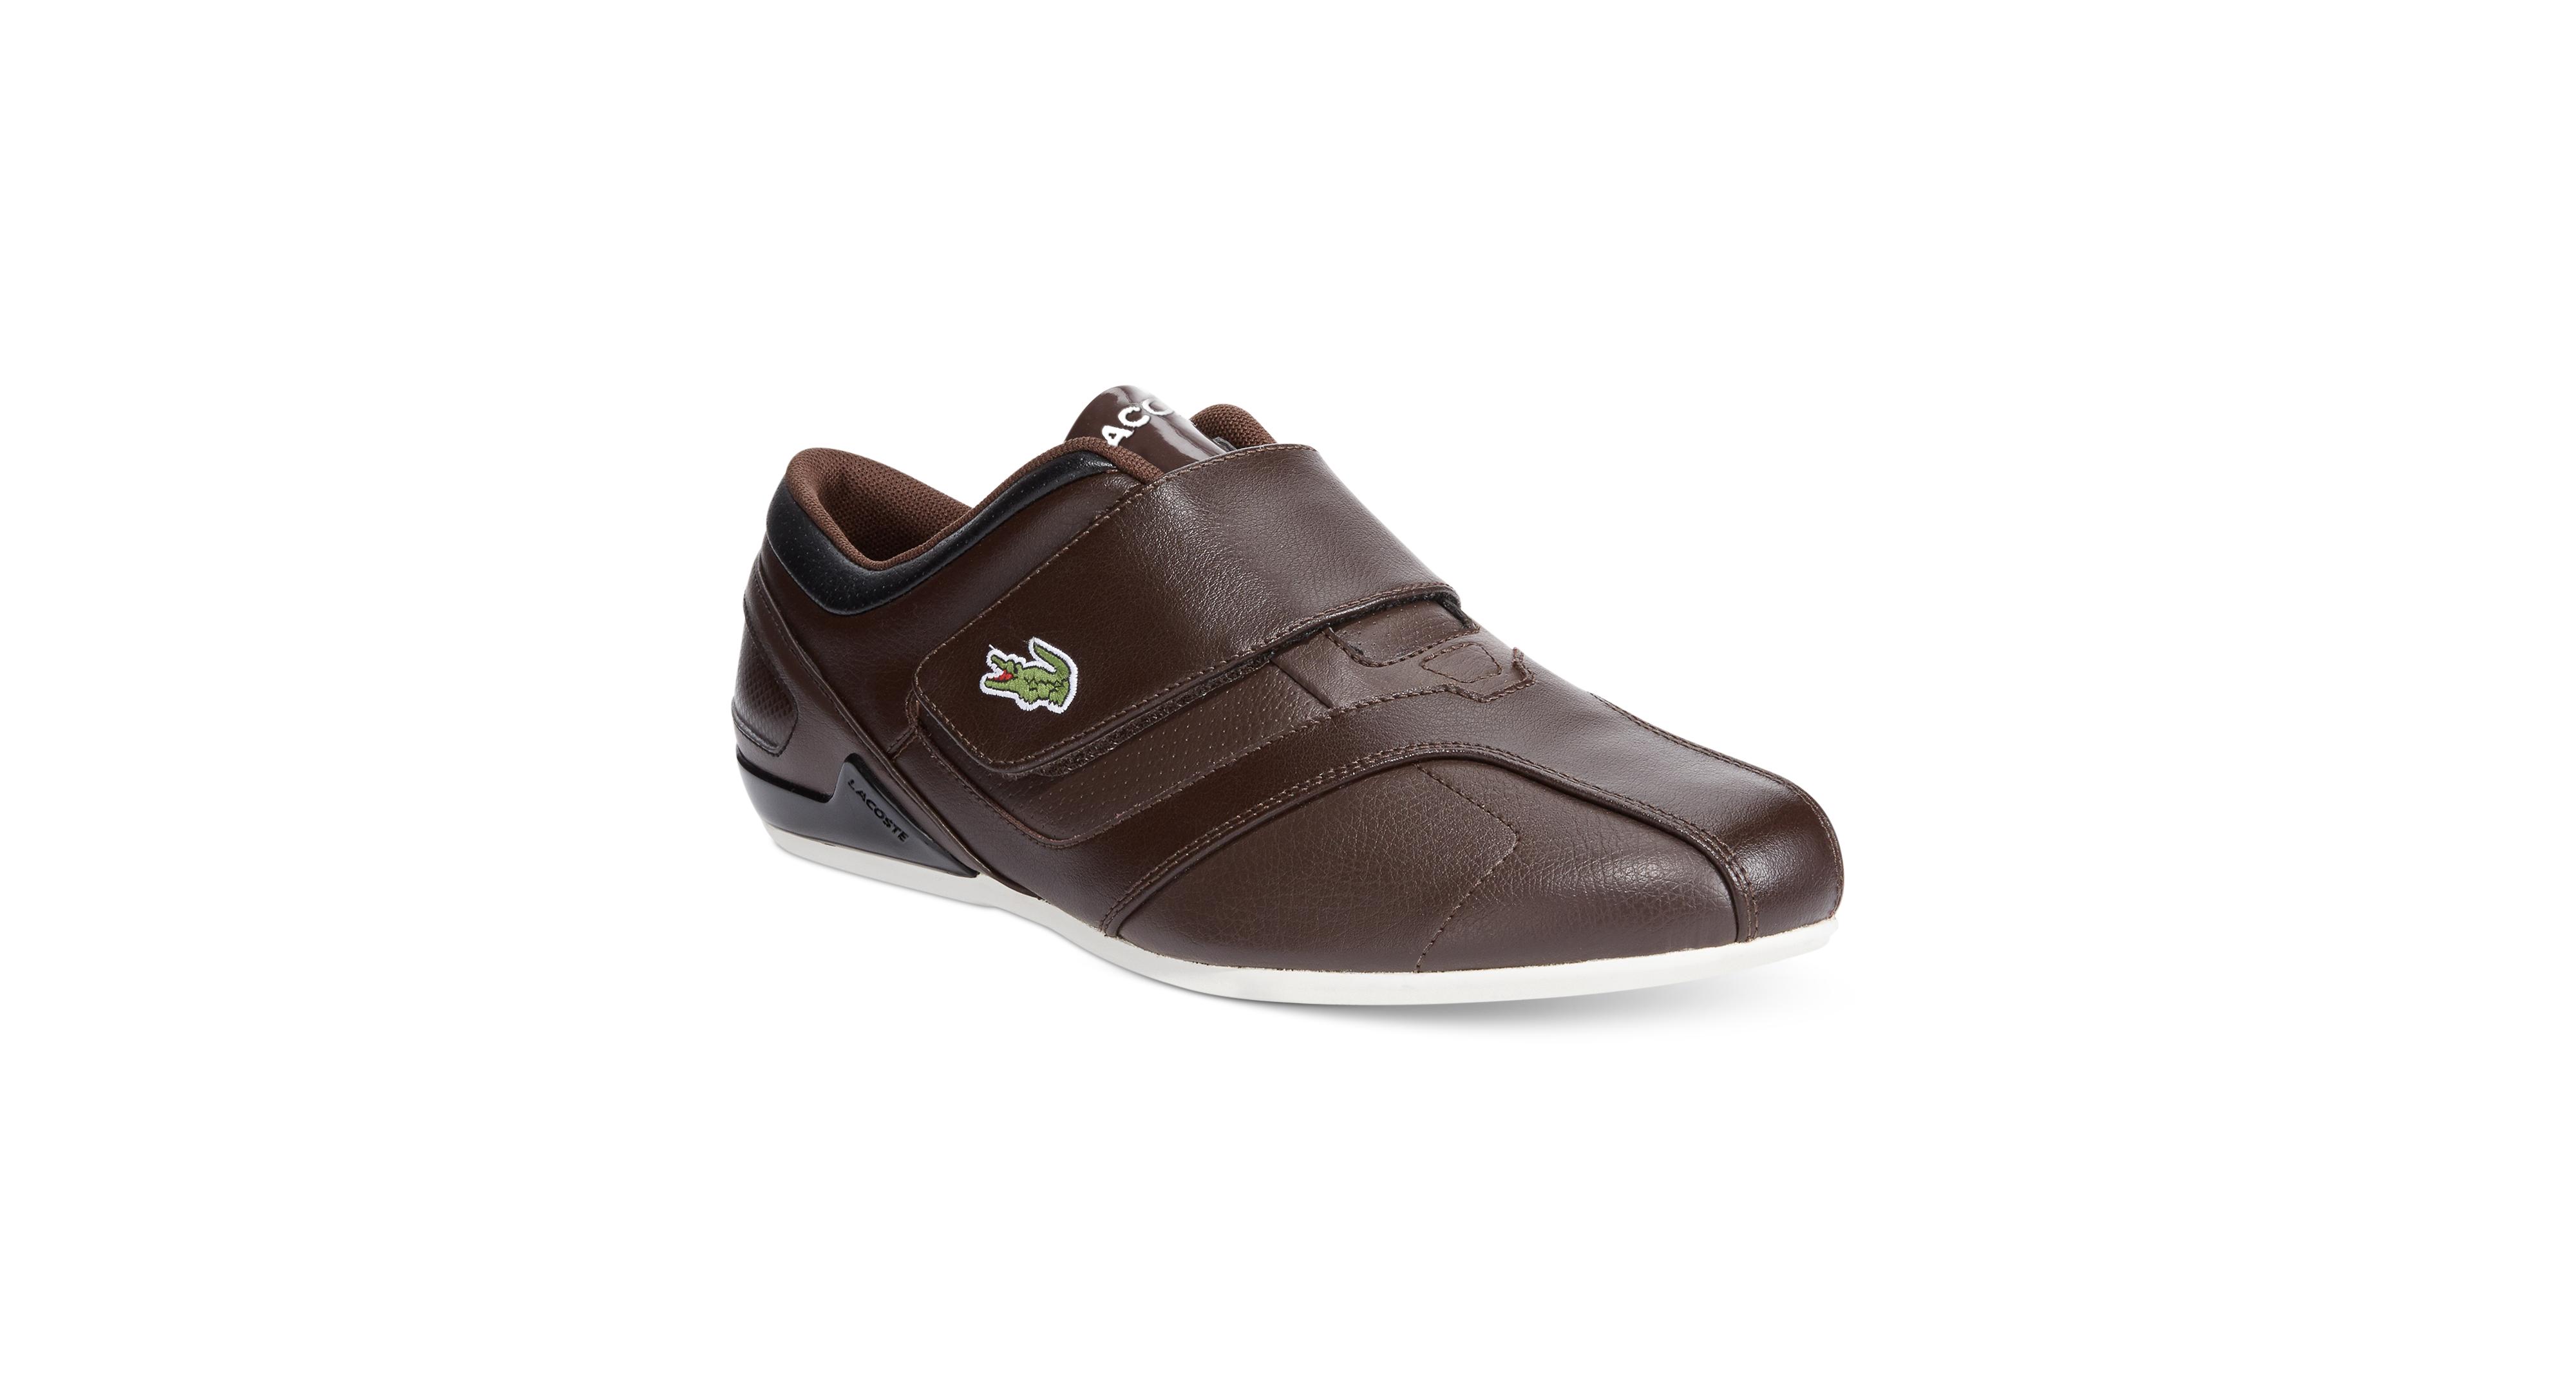 1a4b08cdc6b178 Lacoste Future Strap Sneakers